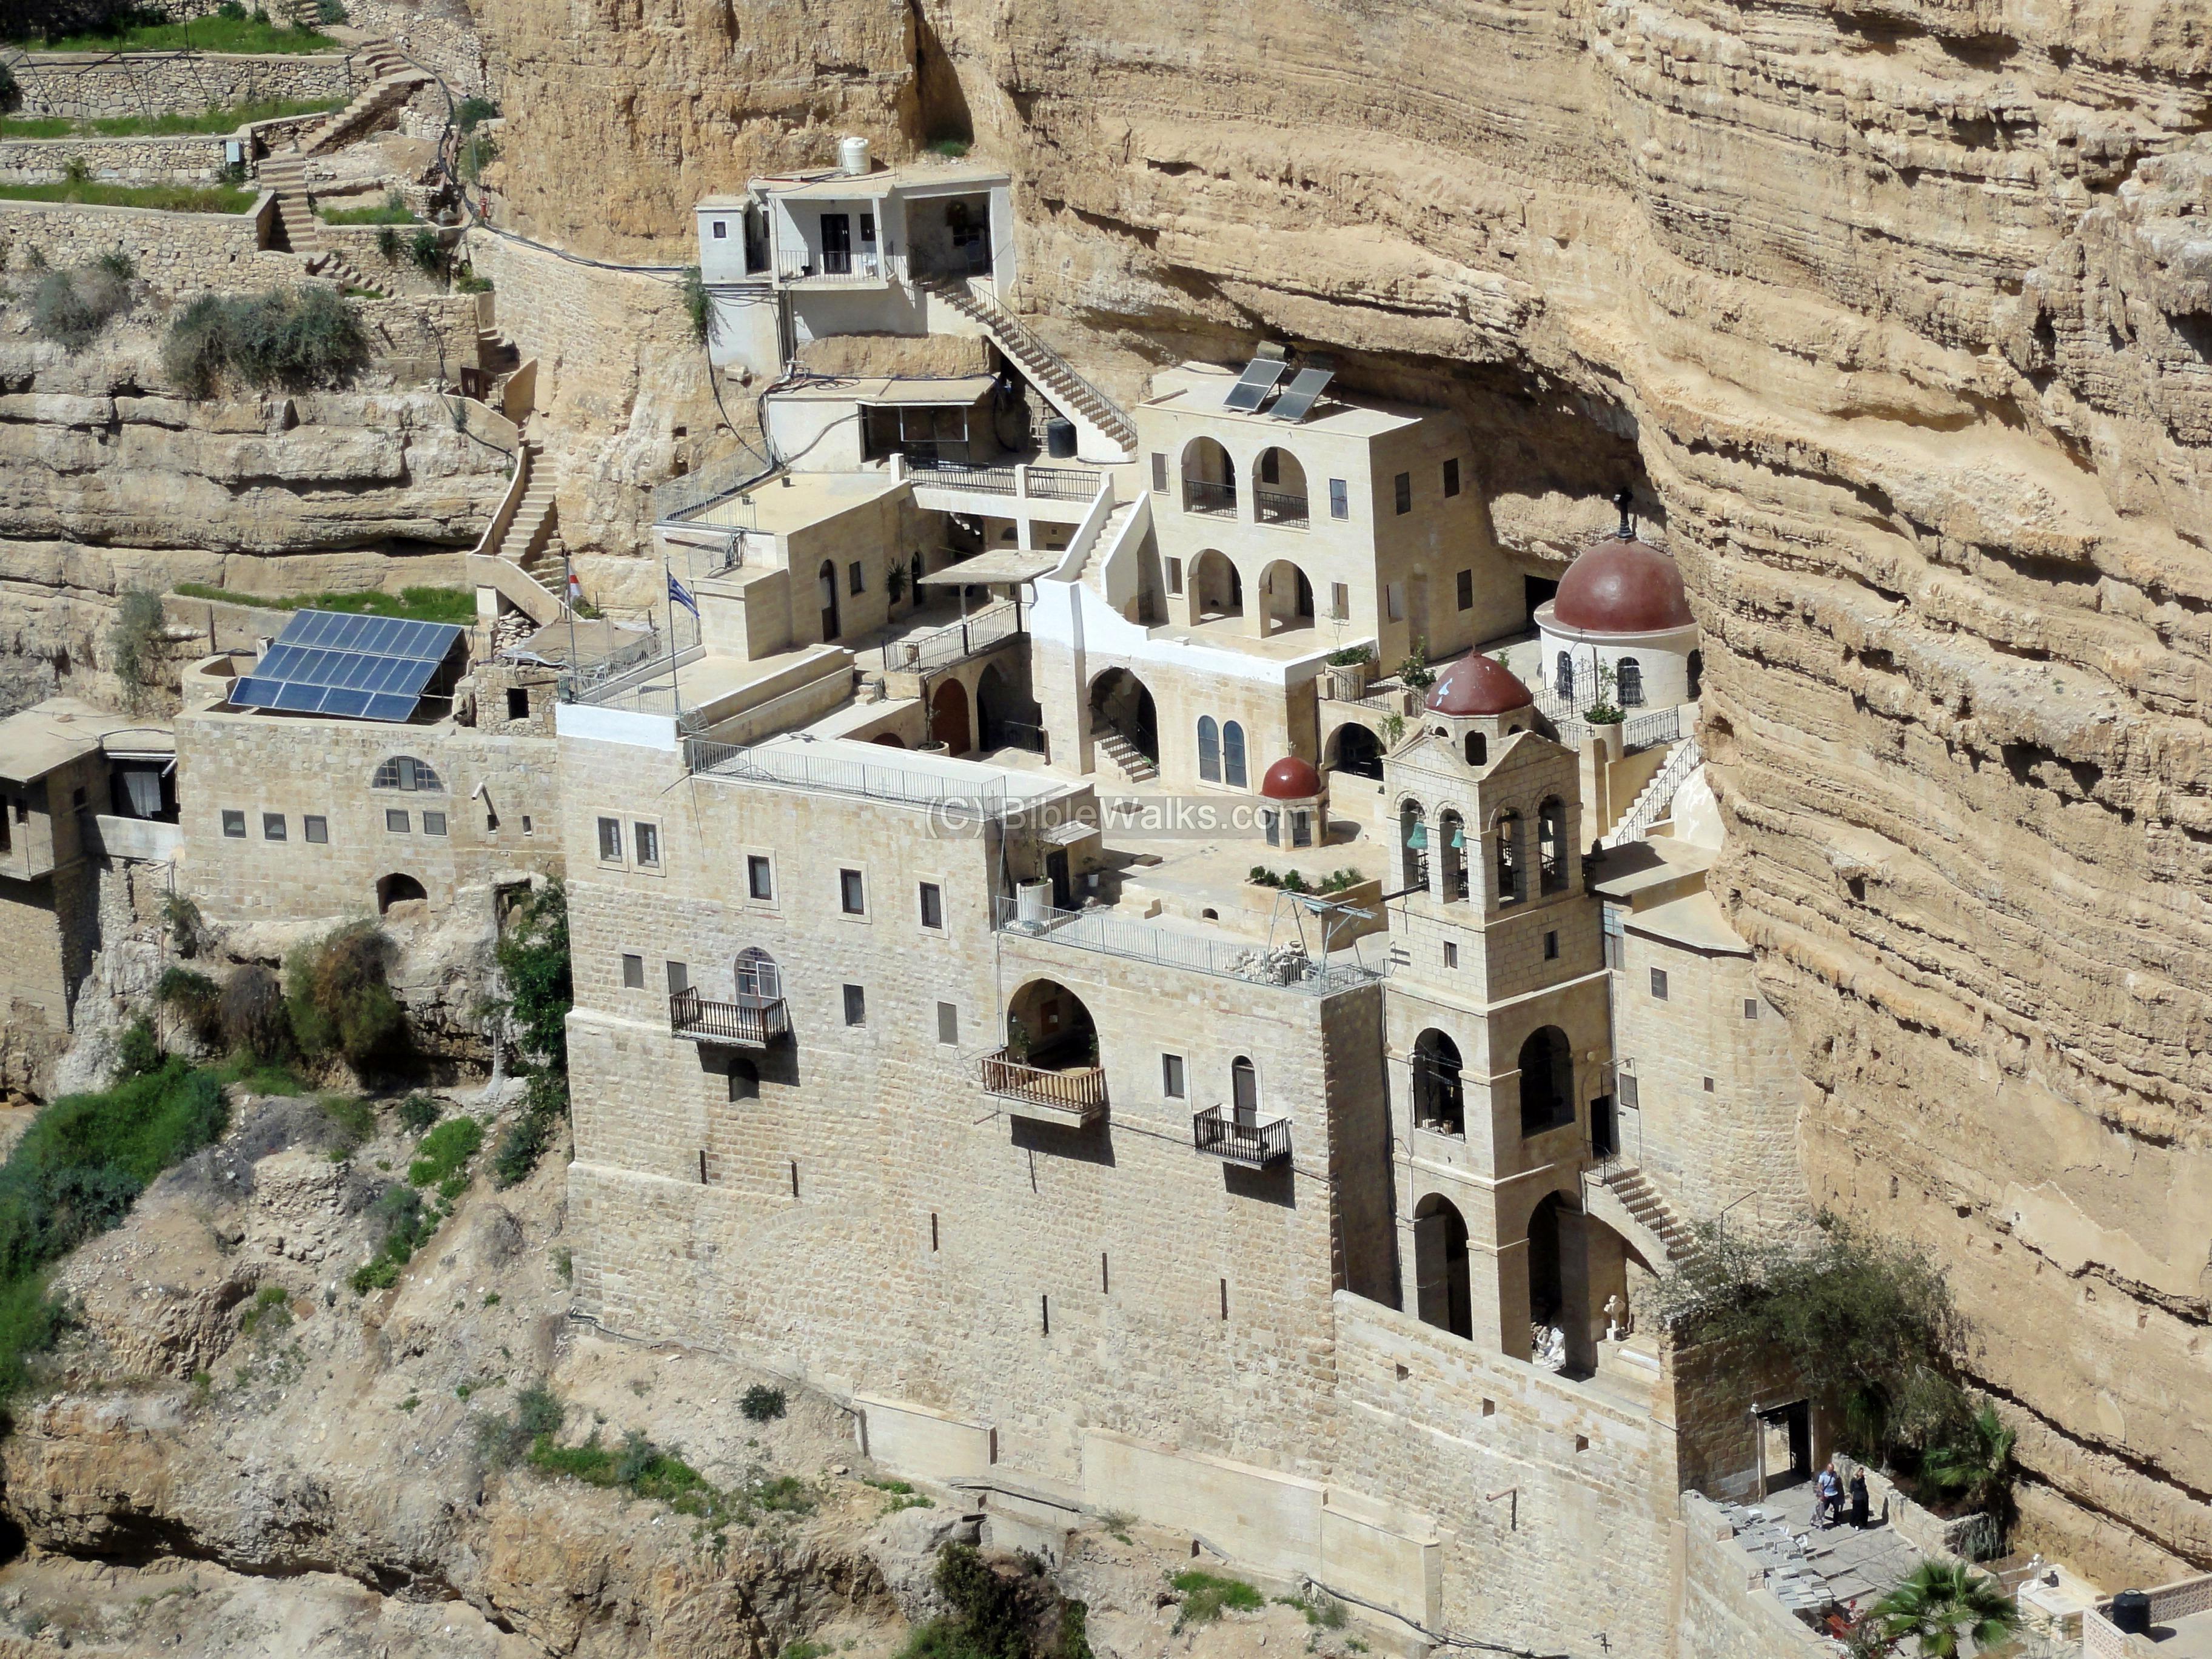 Byzantine Monks of the Judean Desert